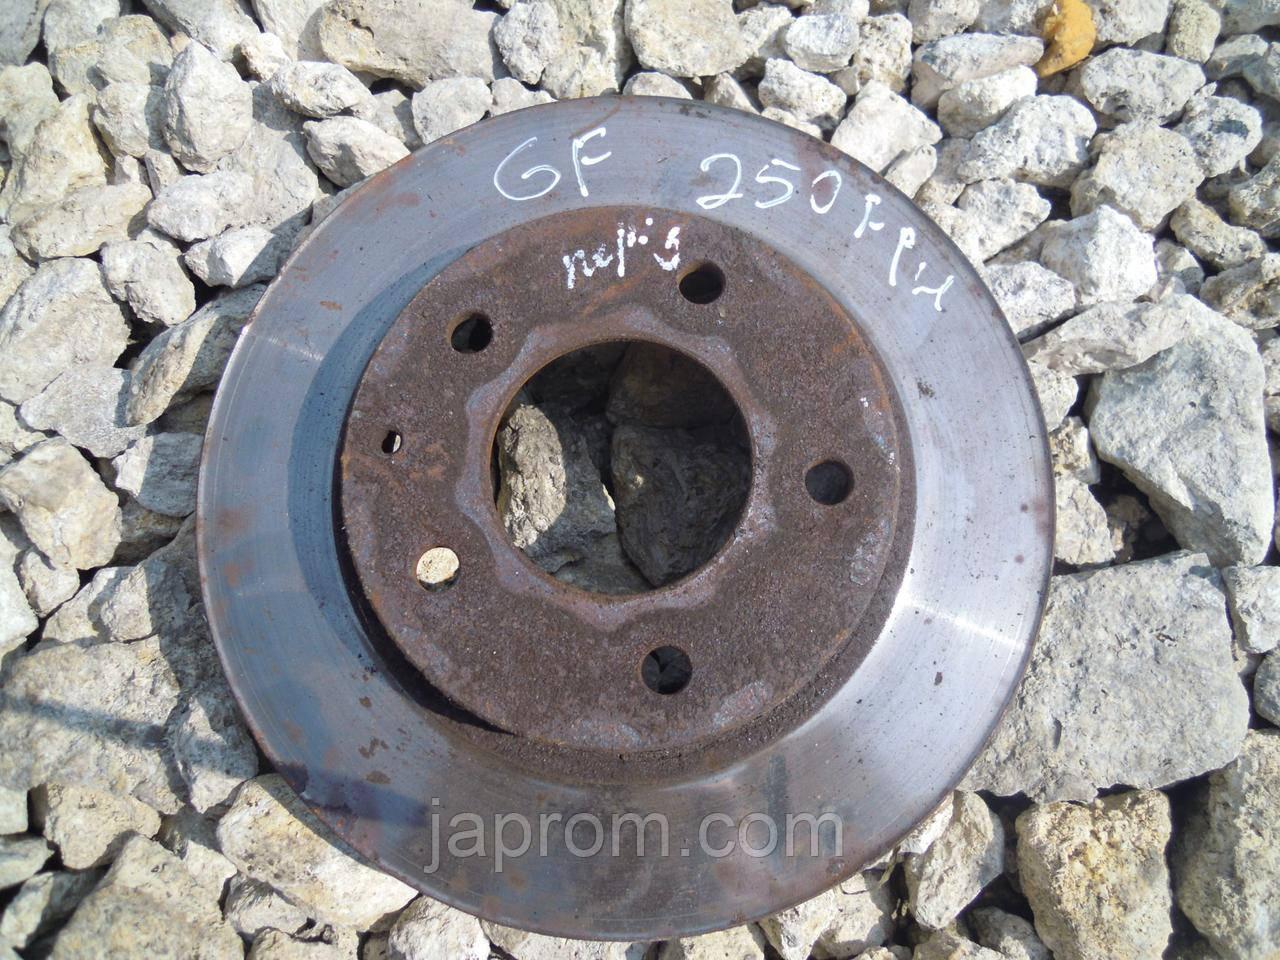 Тормозной диск передний Mazda 626 GE GF Xedos 6 1992-2002г.в.